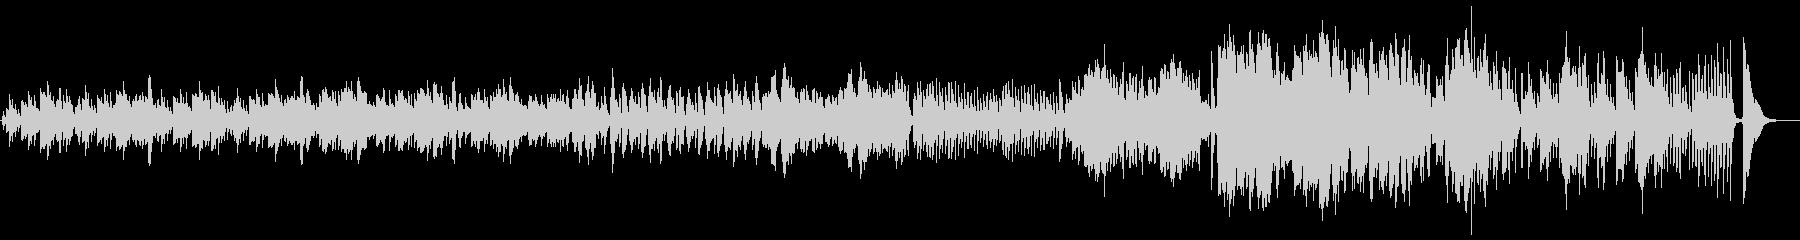 ハープの不思議な感じの曲の未再生の波形